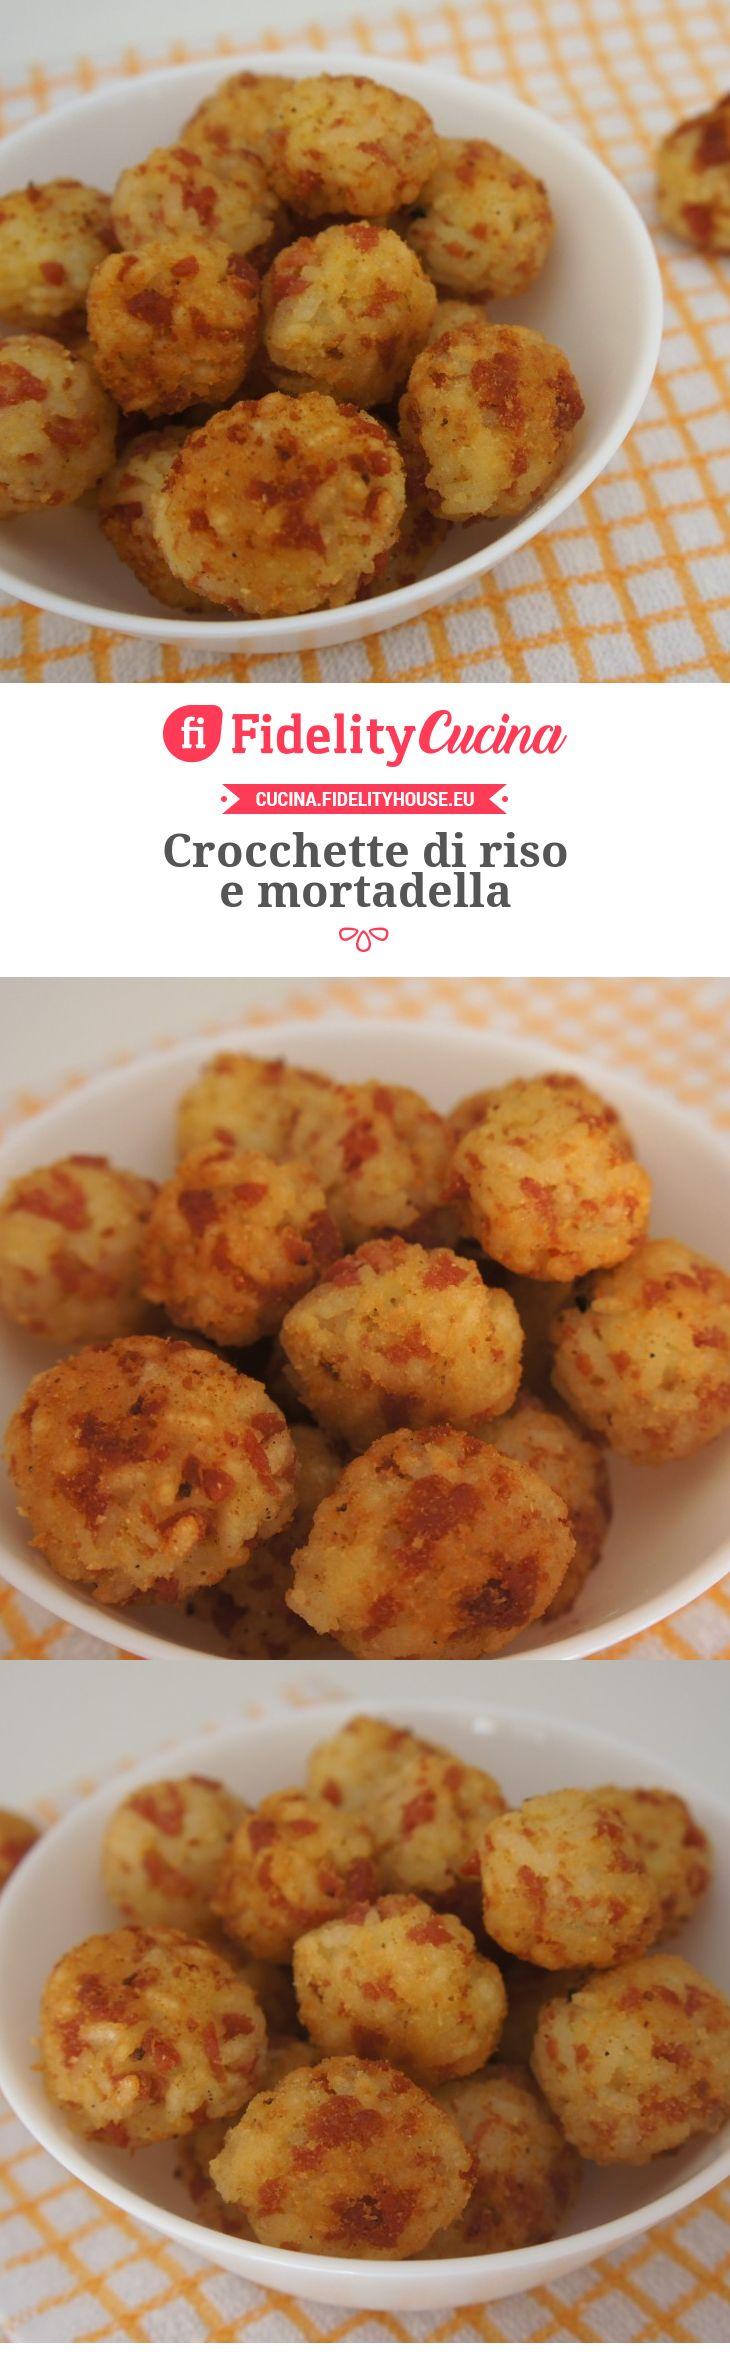 Crocchette di riso e mortadella